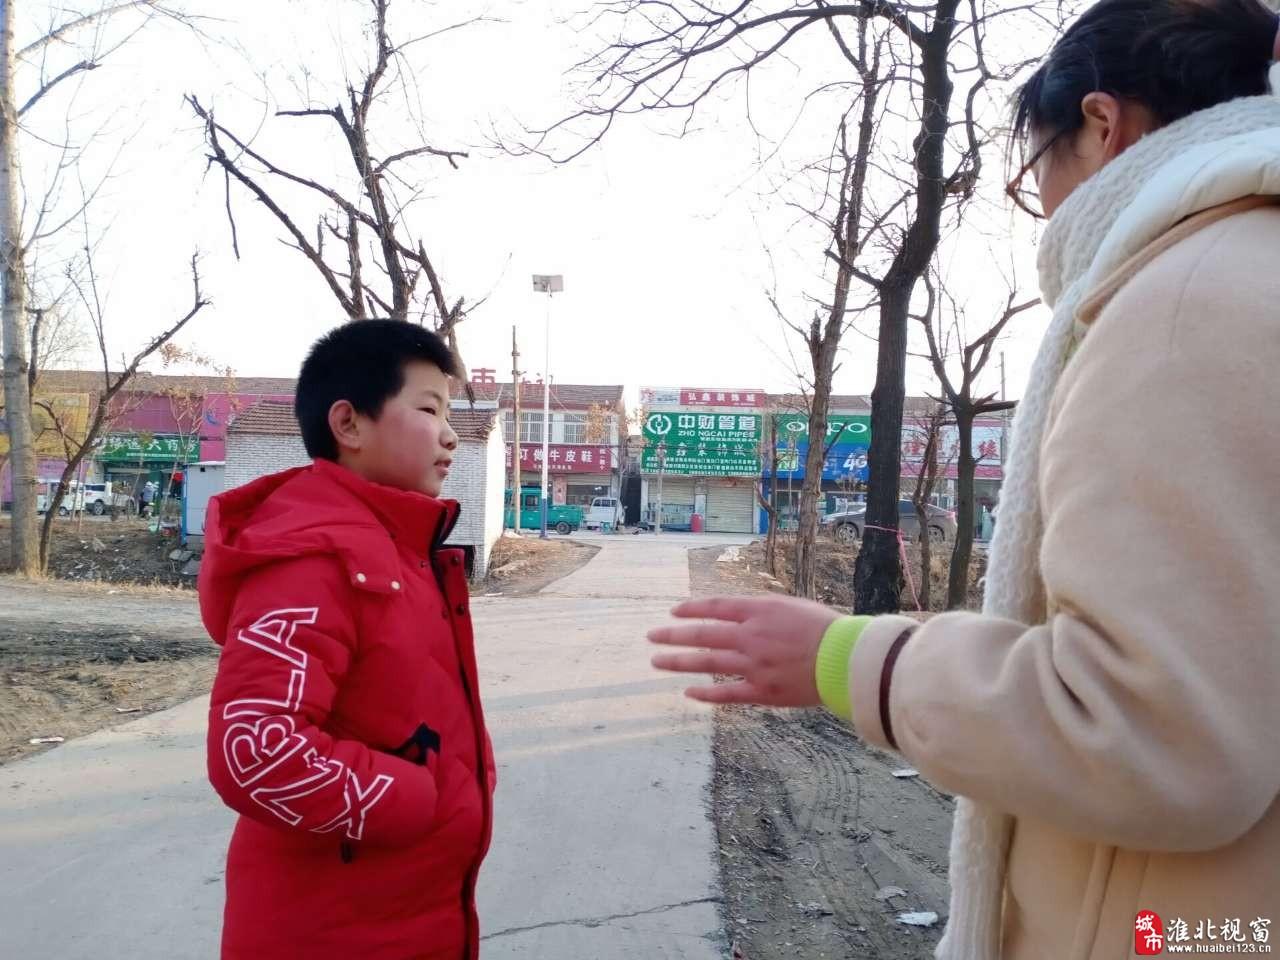 美丽中国与生态文明建设我们一直在行动